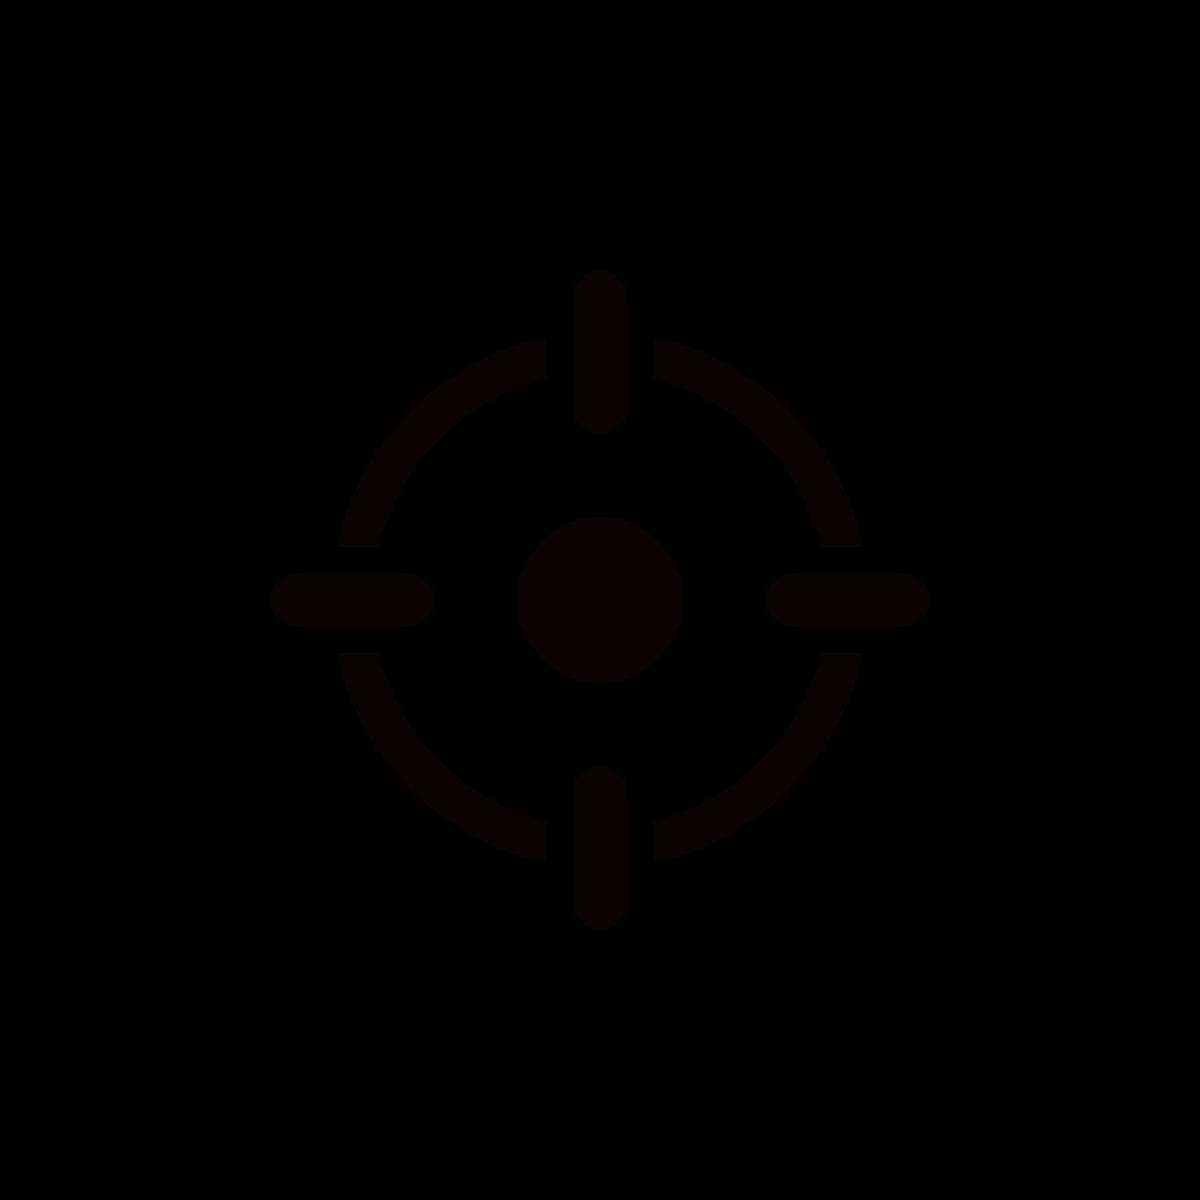 noun_Target_2056900